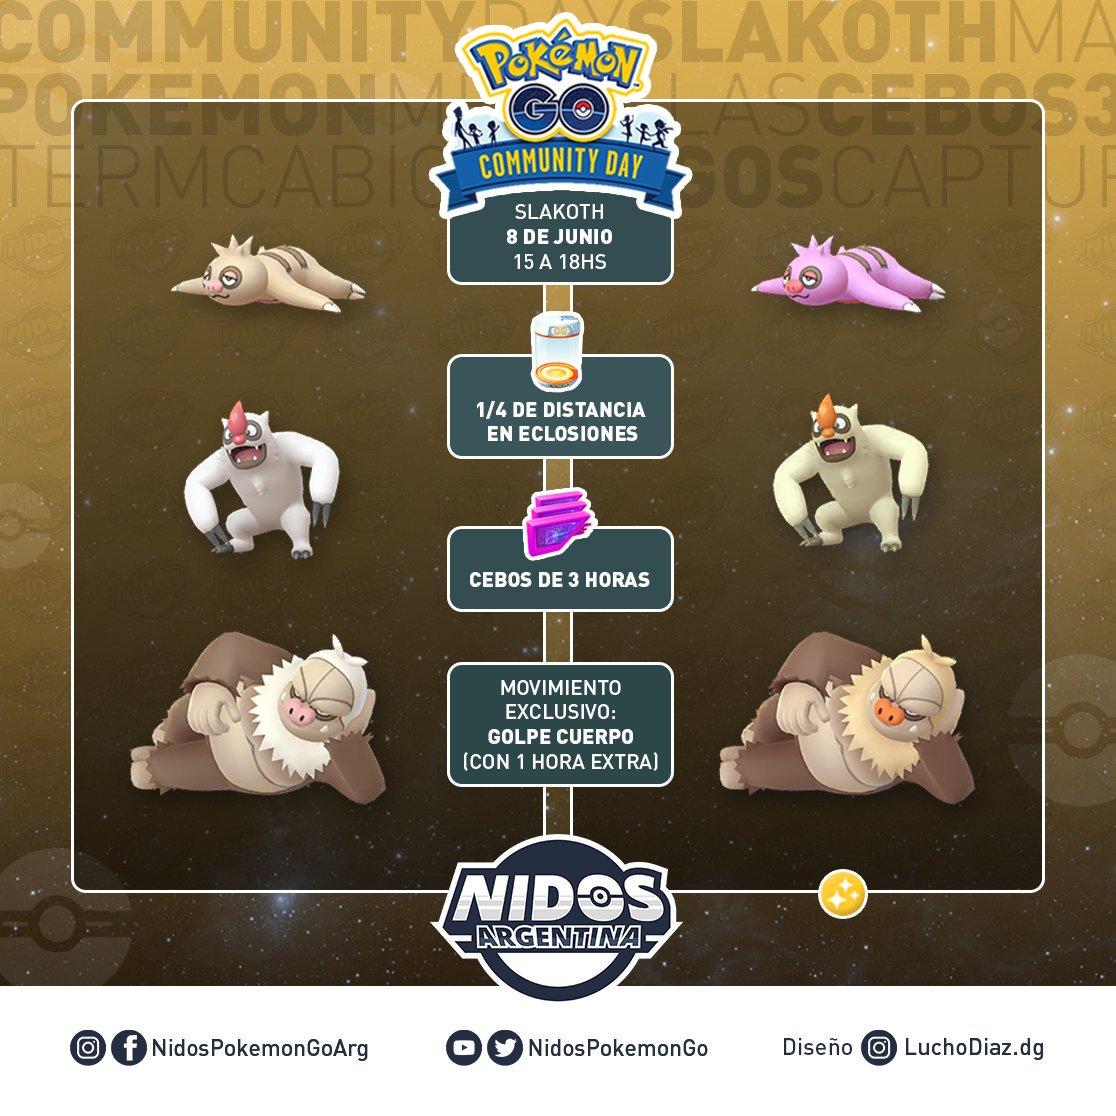 Imagen de Slakoth y sus evoluciones shiny en Pokémon GO hecho por Nidos Pokémon GO Argentina